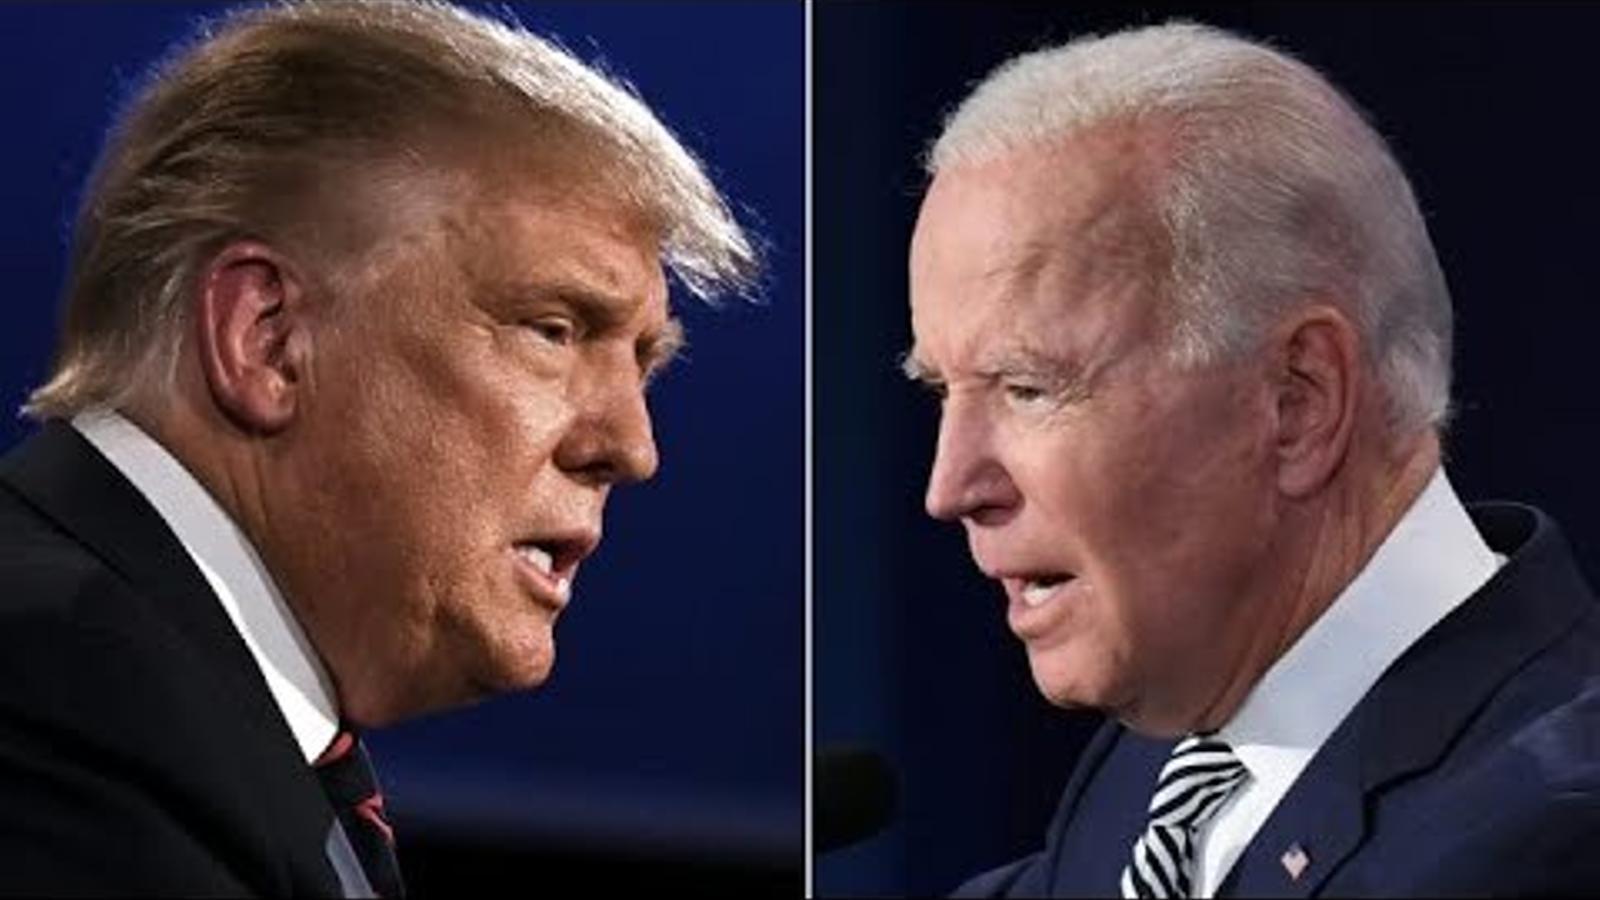 Resum del primer debat presidencial entre Donald Trump i Joe Biden per la CNBC.